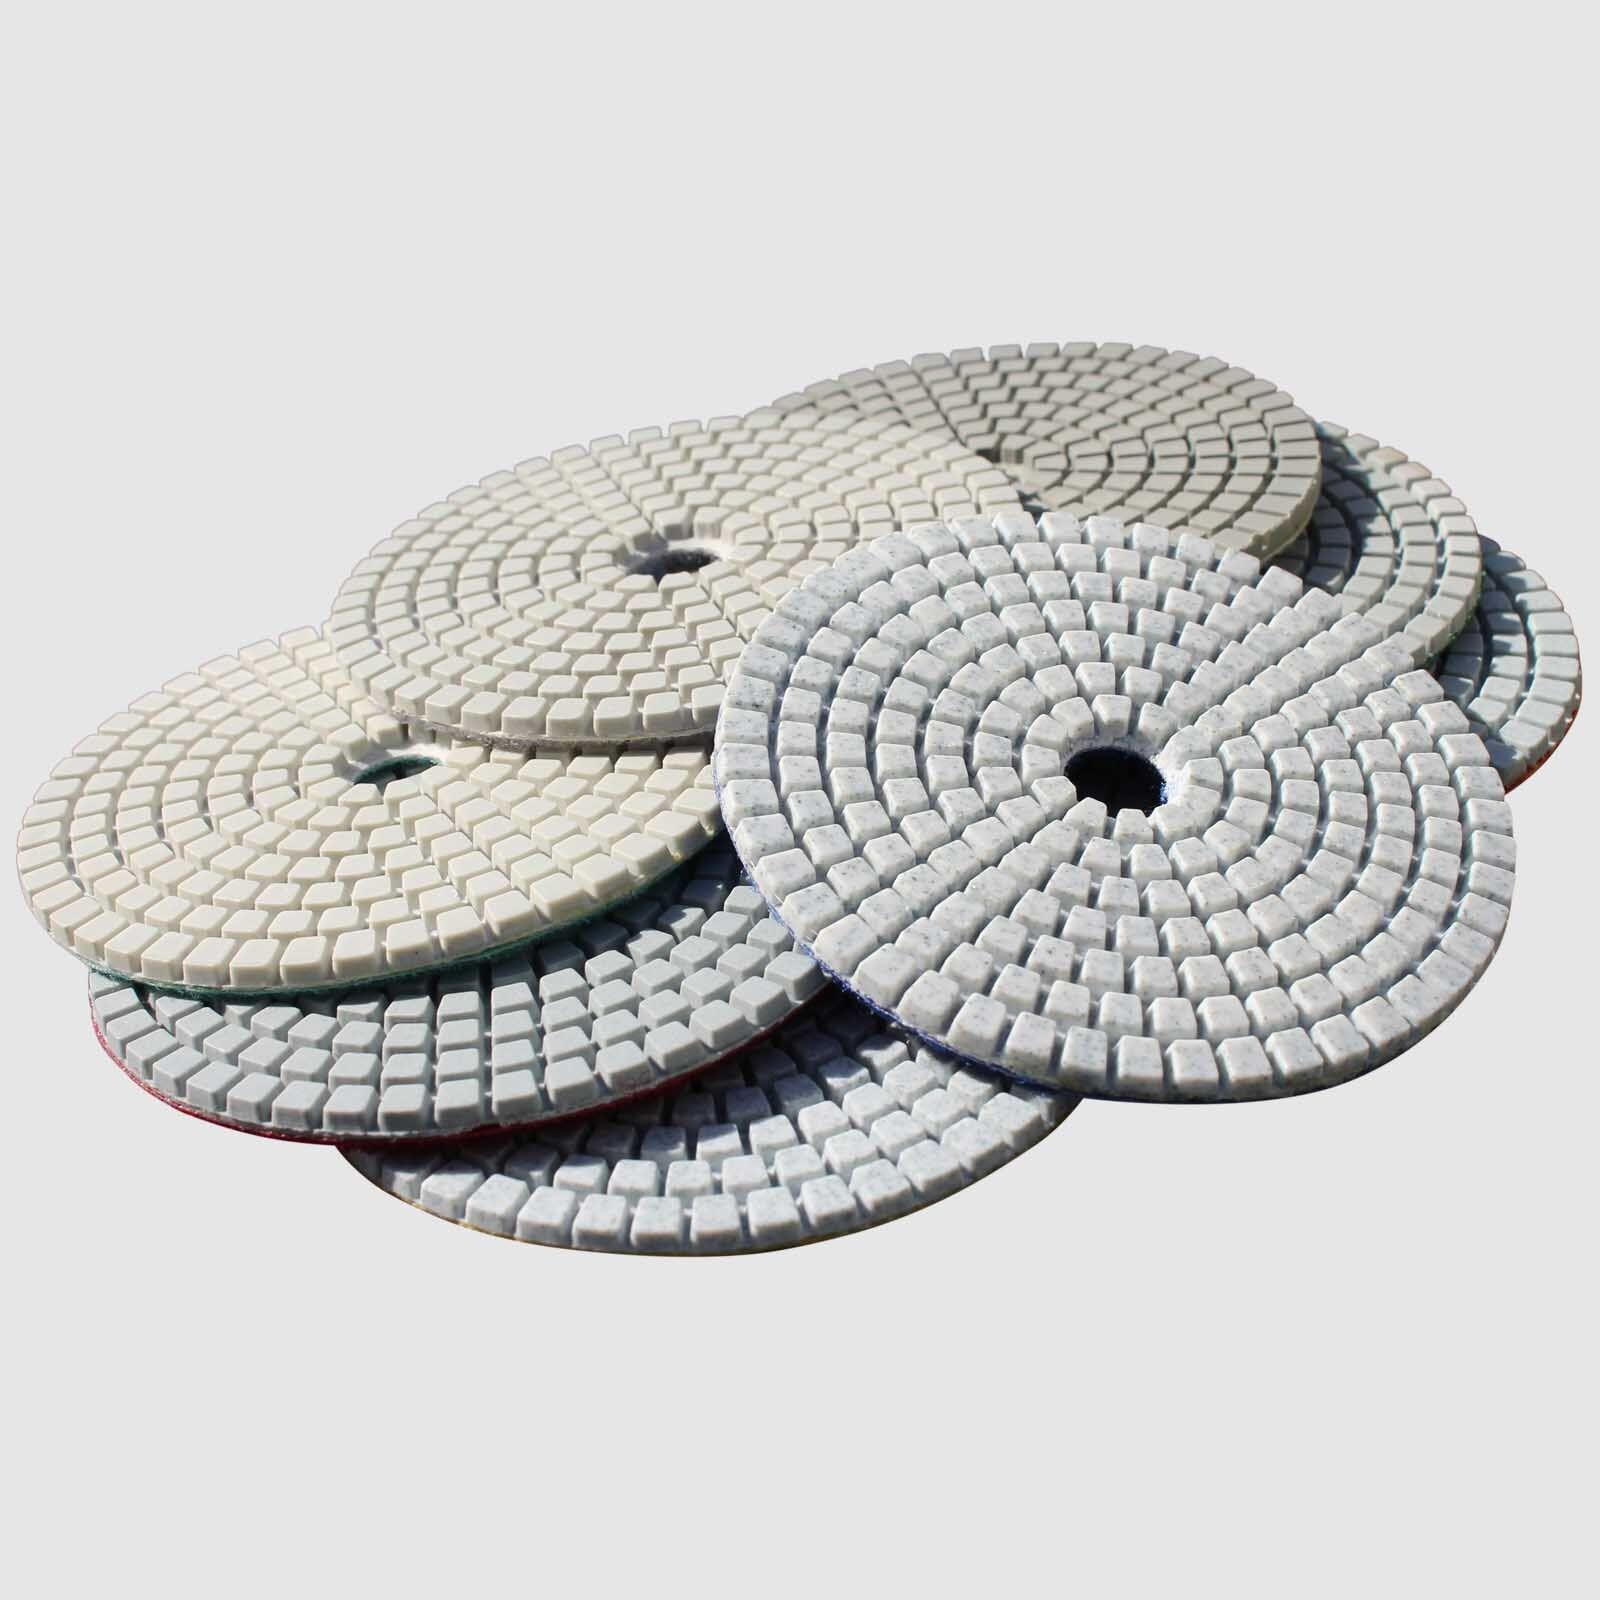 Diamond Polishing Pads Wet Dry 5 Inch Set Kit For Granite